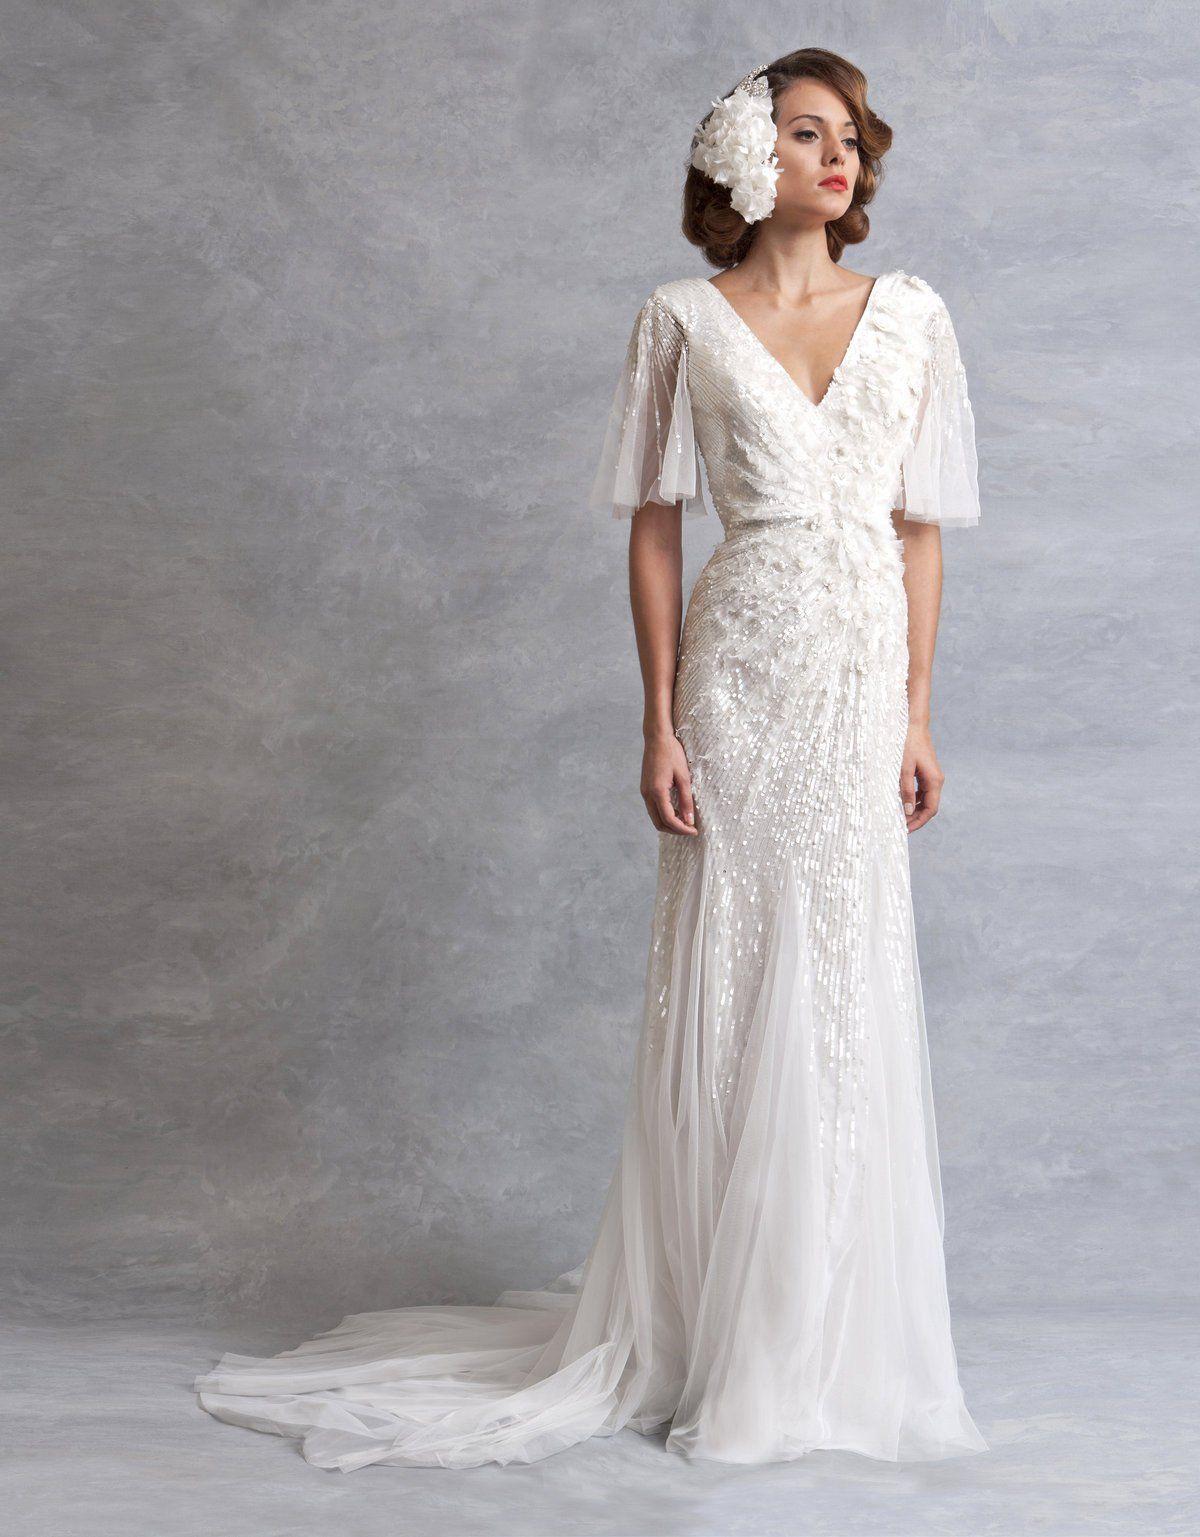 Eliza Dress Vintage Inspired Wedding Dresses Wedding Dress Inspiration V Neck Wedding Dress